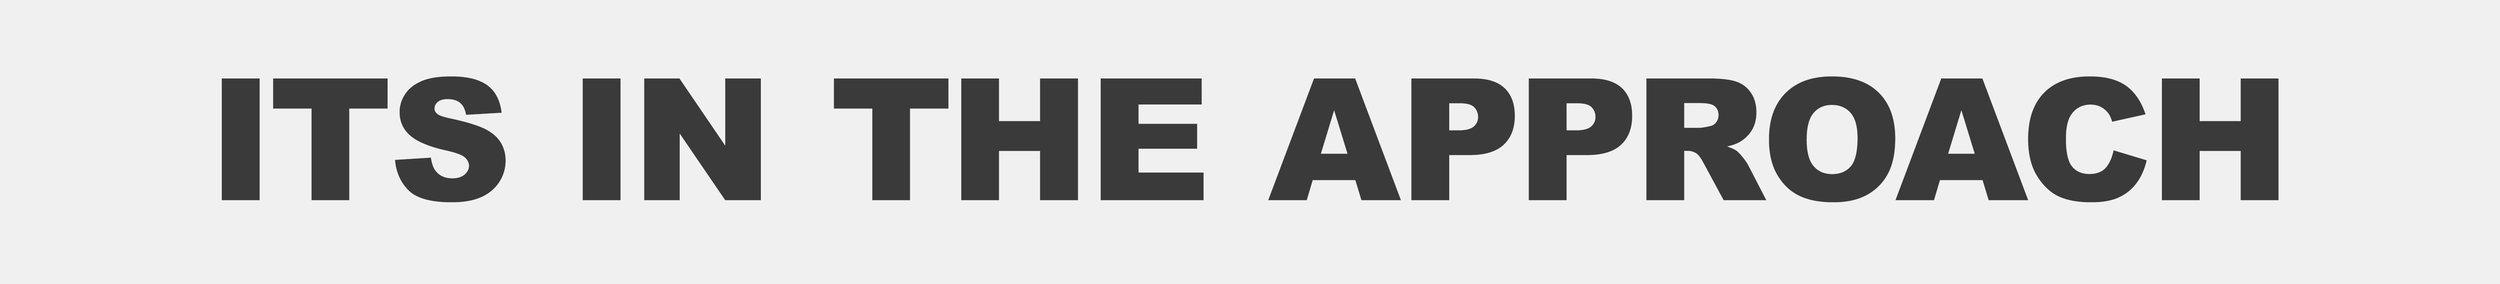 Approach_Text.jpg